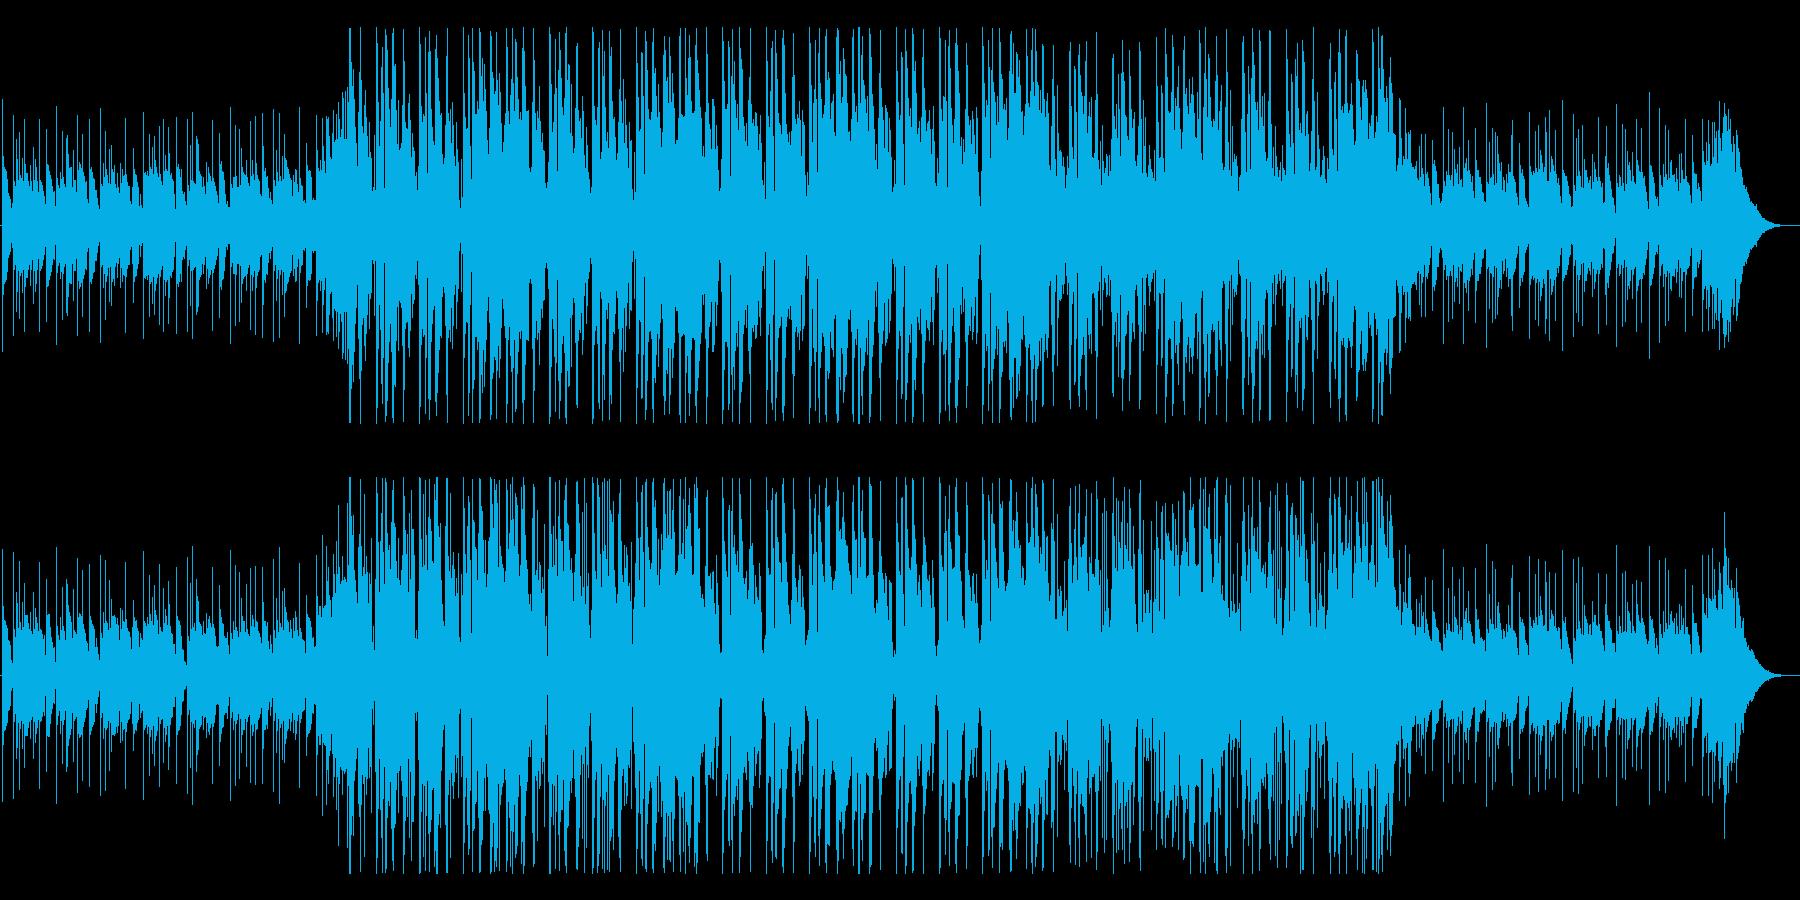 落ち着きのあるフューチャーベース系楽曲の再生済みの波形